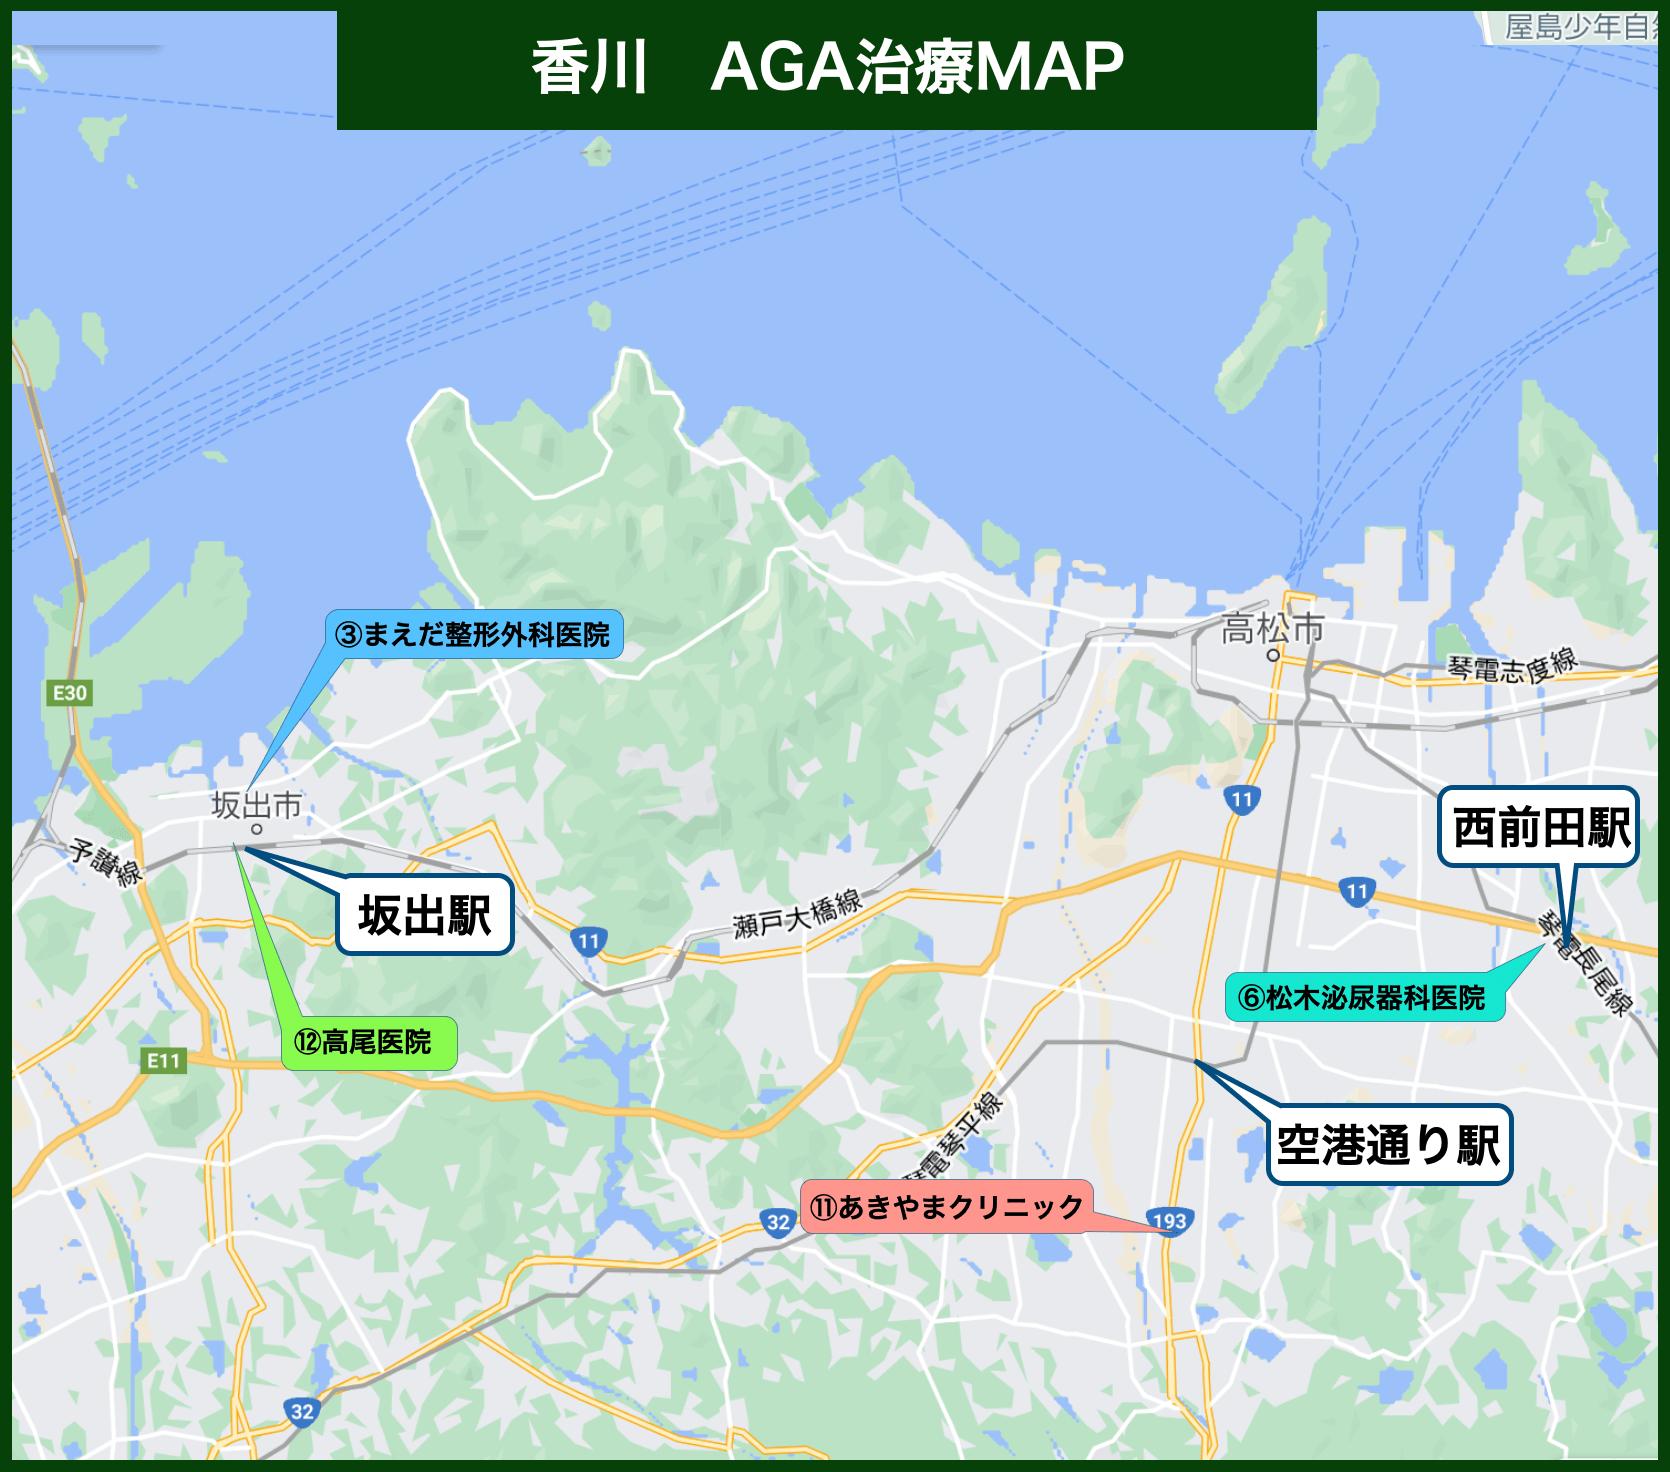 香川のAGAクリニックマップのイメージ